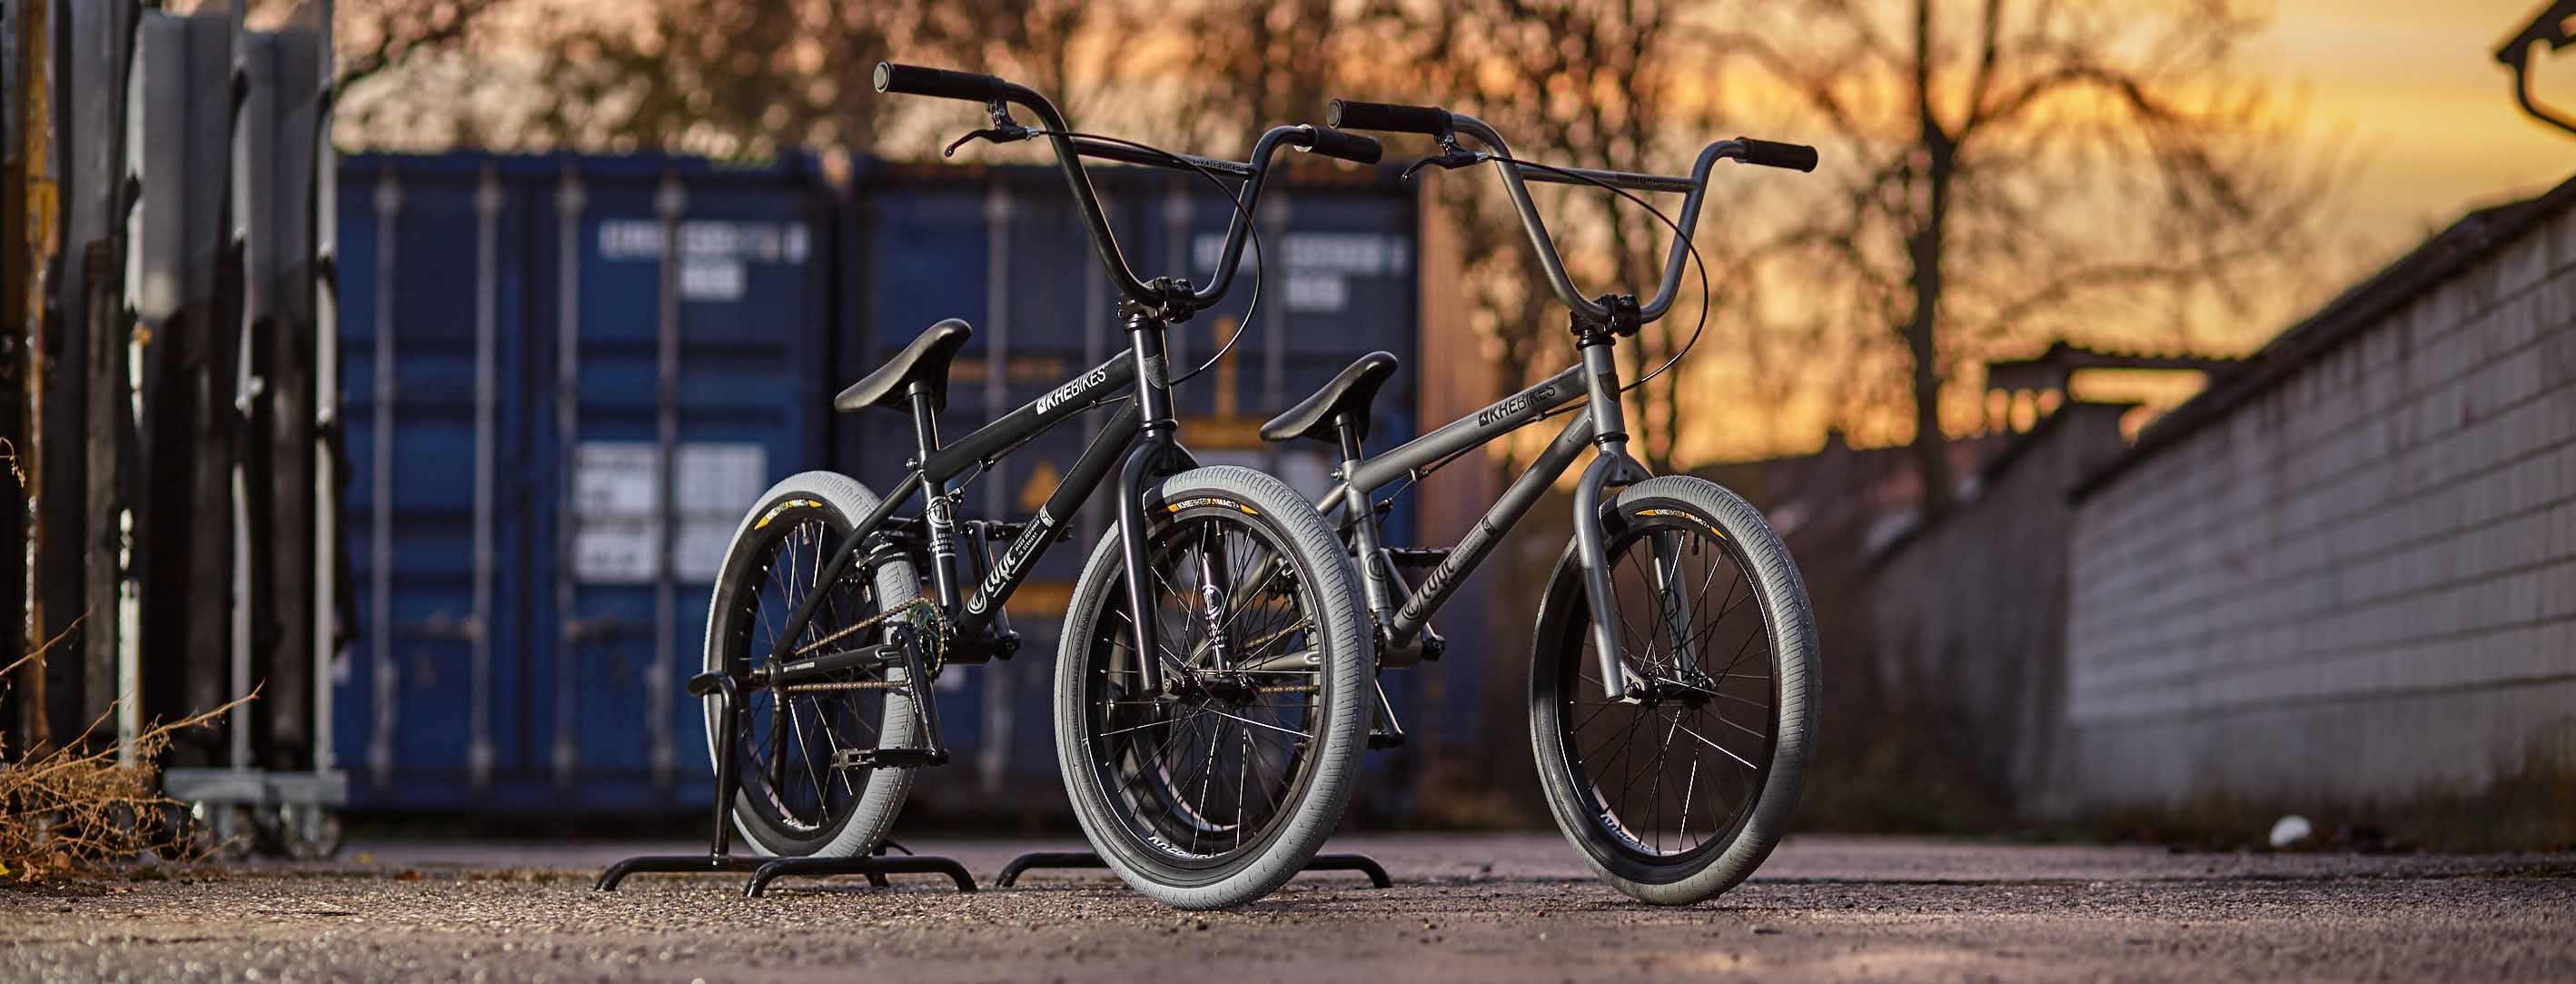 KHE-Banner-Bikes-BMX-Fahrr-der-Radfpeda2q2yGbkM